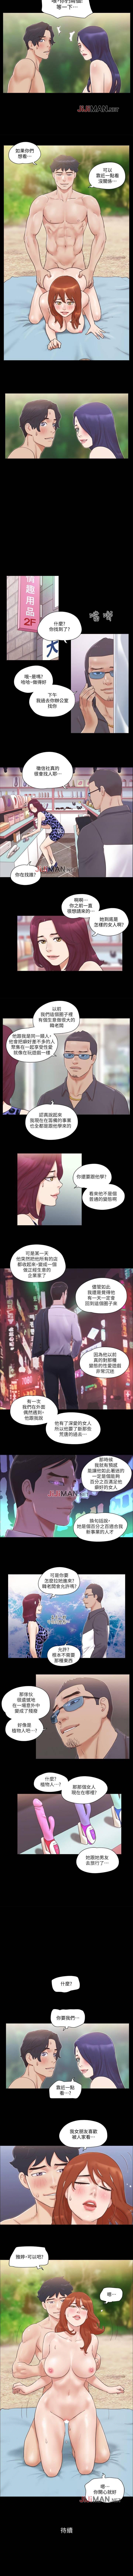 【周五连载】协议换爱(作者:遠德) 第1~57话 203